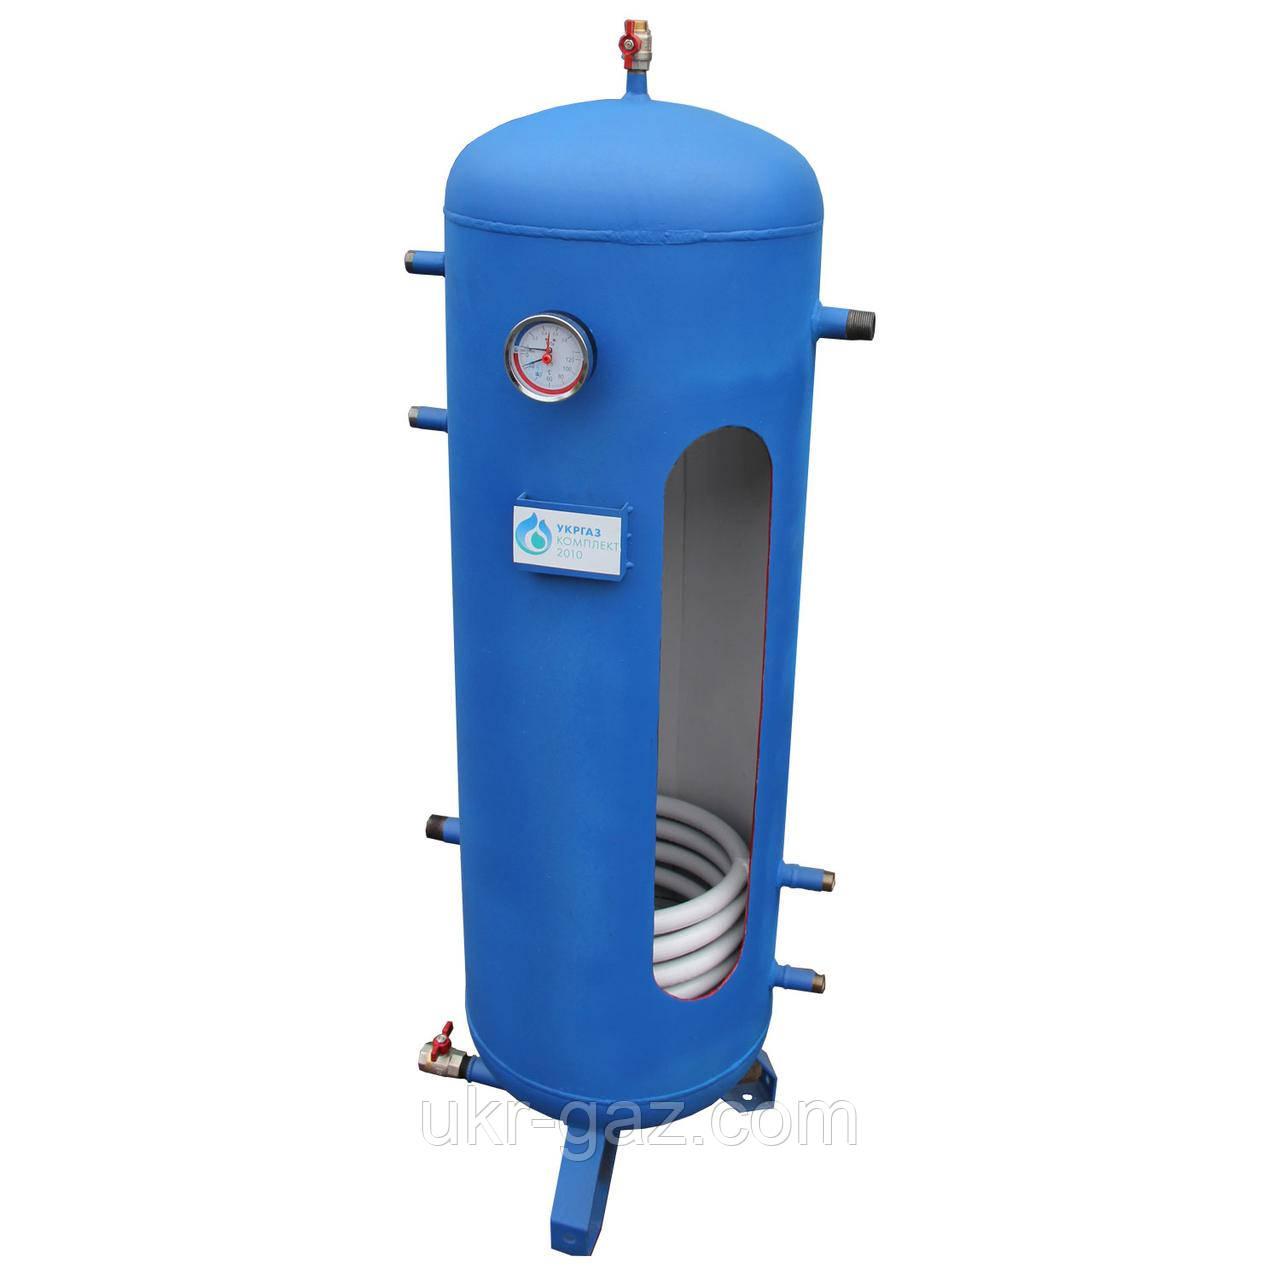 Теплобак без утеплителя, 1 змеевик на 1430 литров (Теплоаккумулятор)